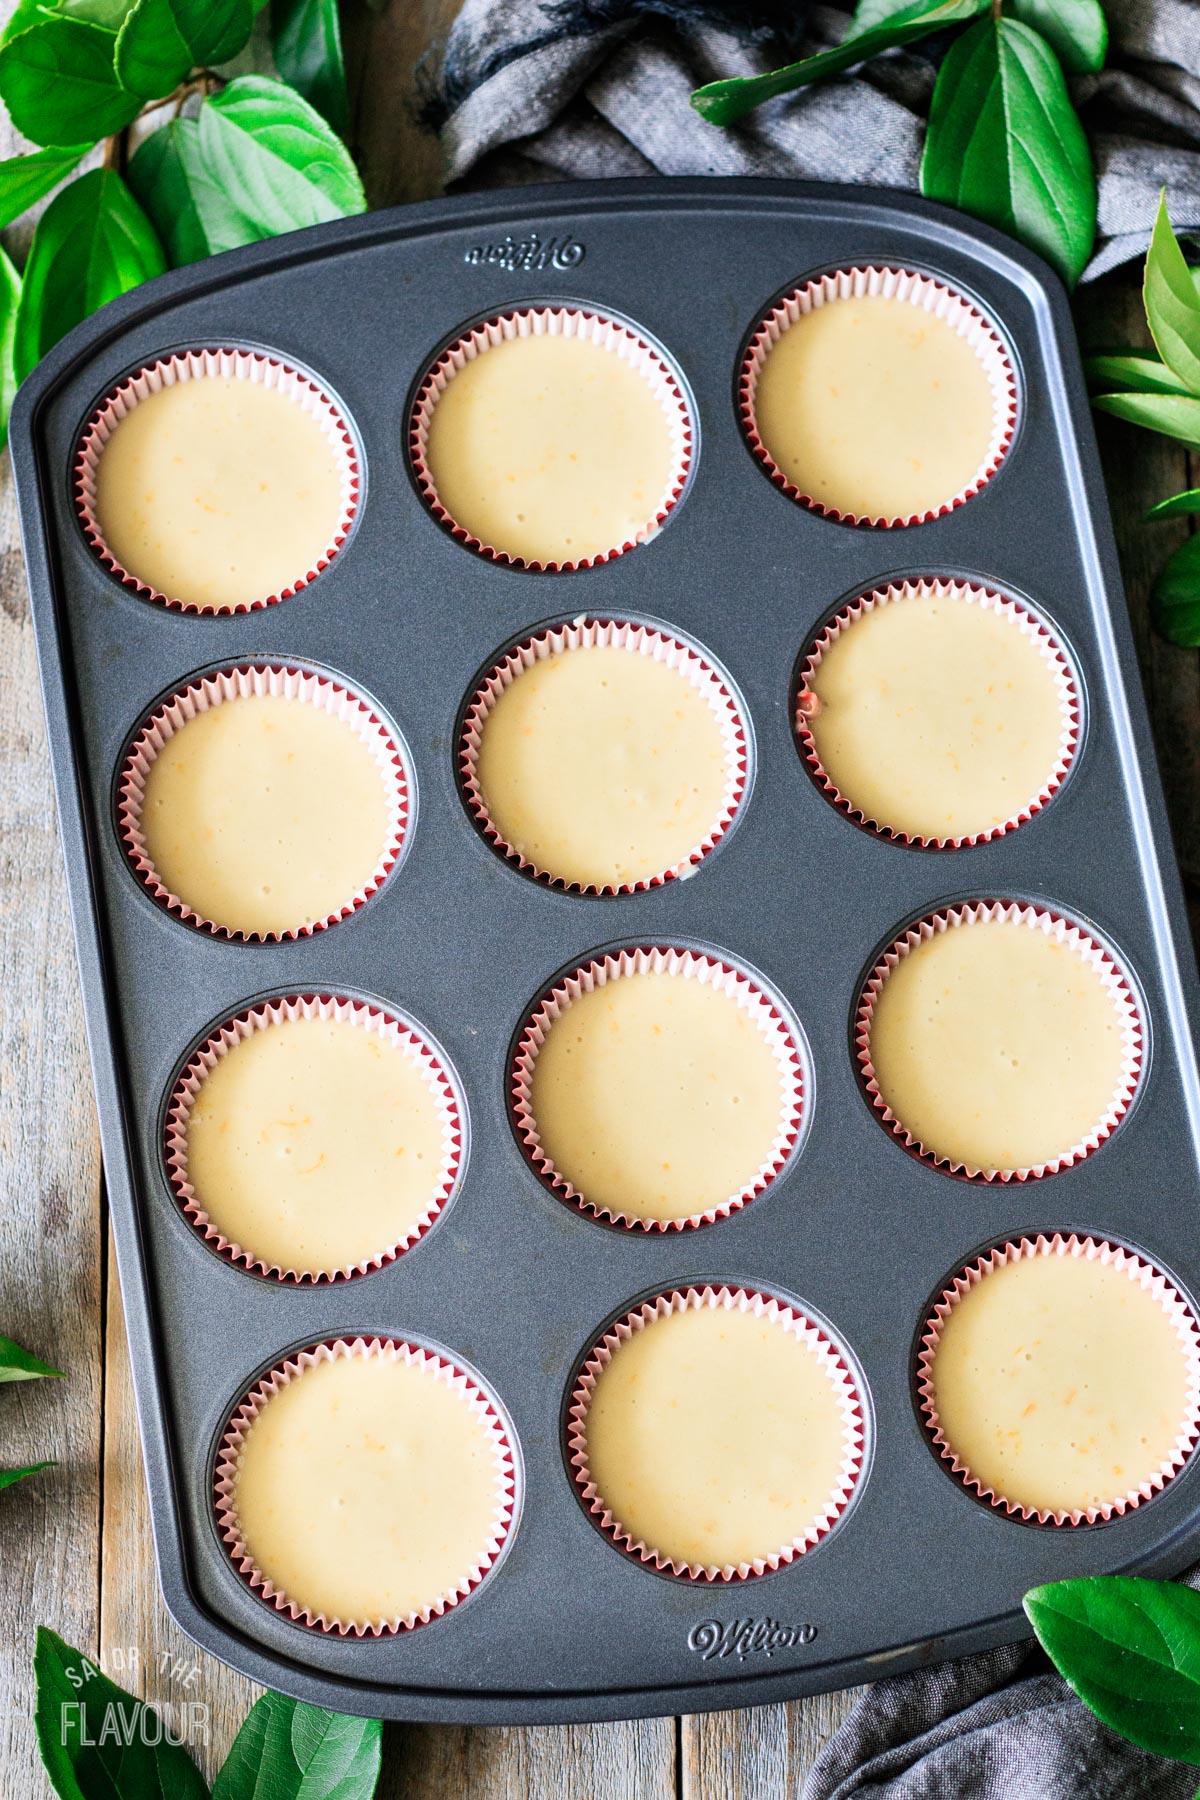 mantecada batter in cupcake liners